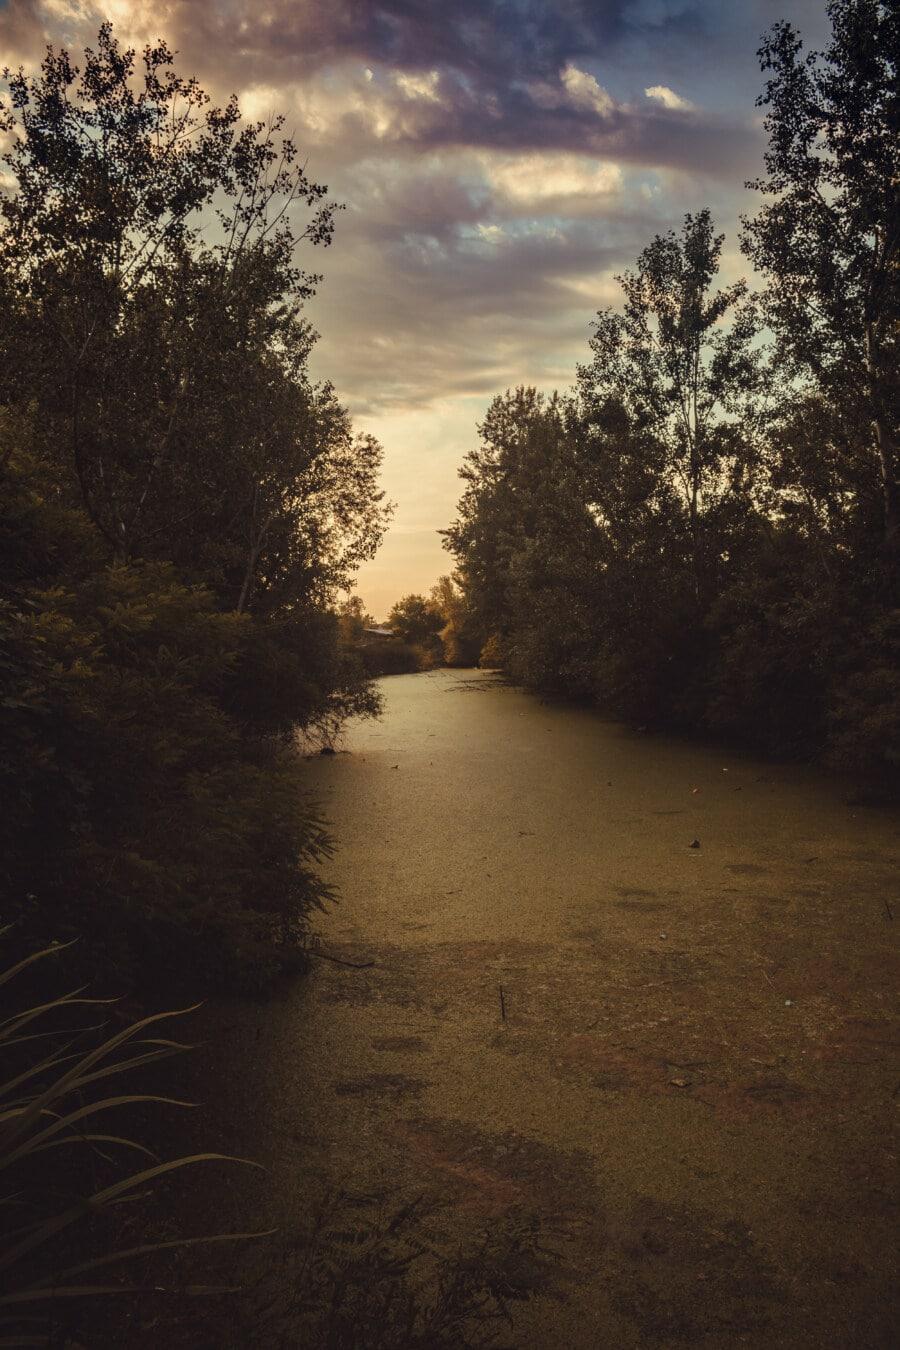 mocsár, vadonban, folyóparton, fák, táj, fa, fa, Hajnal, nap, naplemente